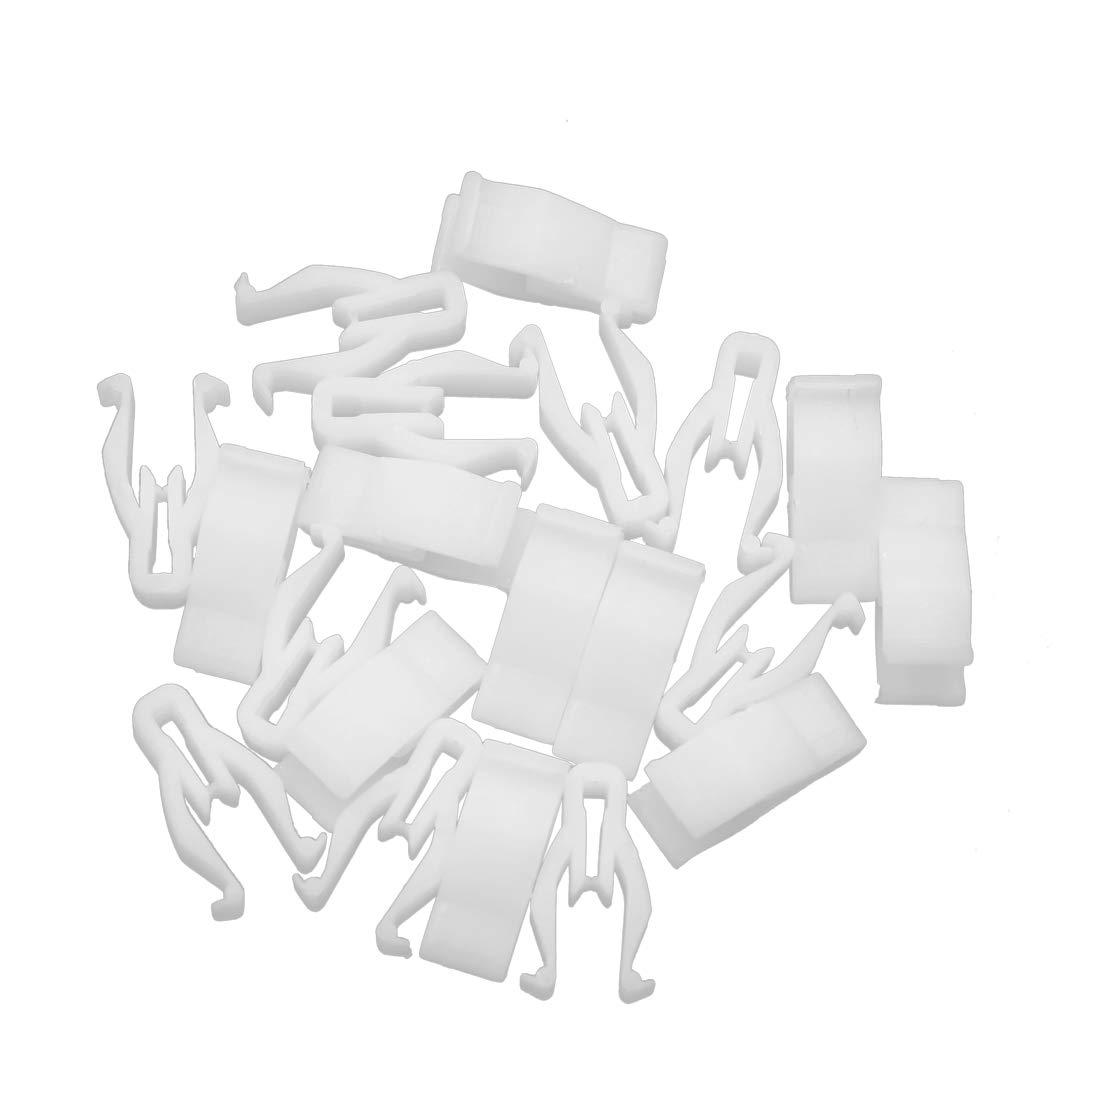 X AUTOHAUX 20pcs White Console Instrument Retainer Clip Car Moulding Trim Fastener Interior